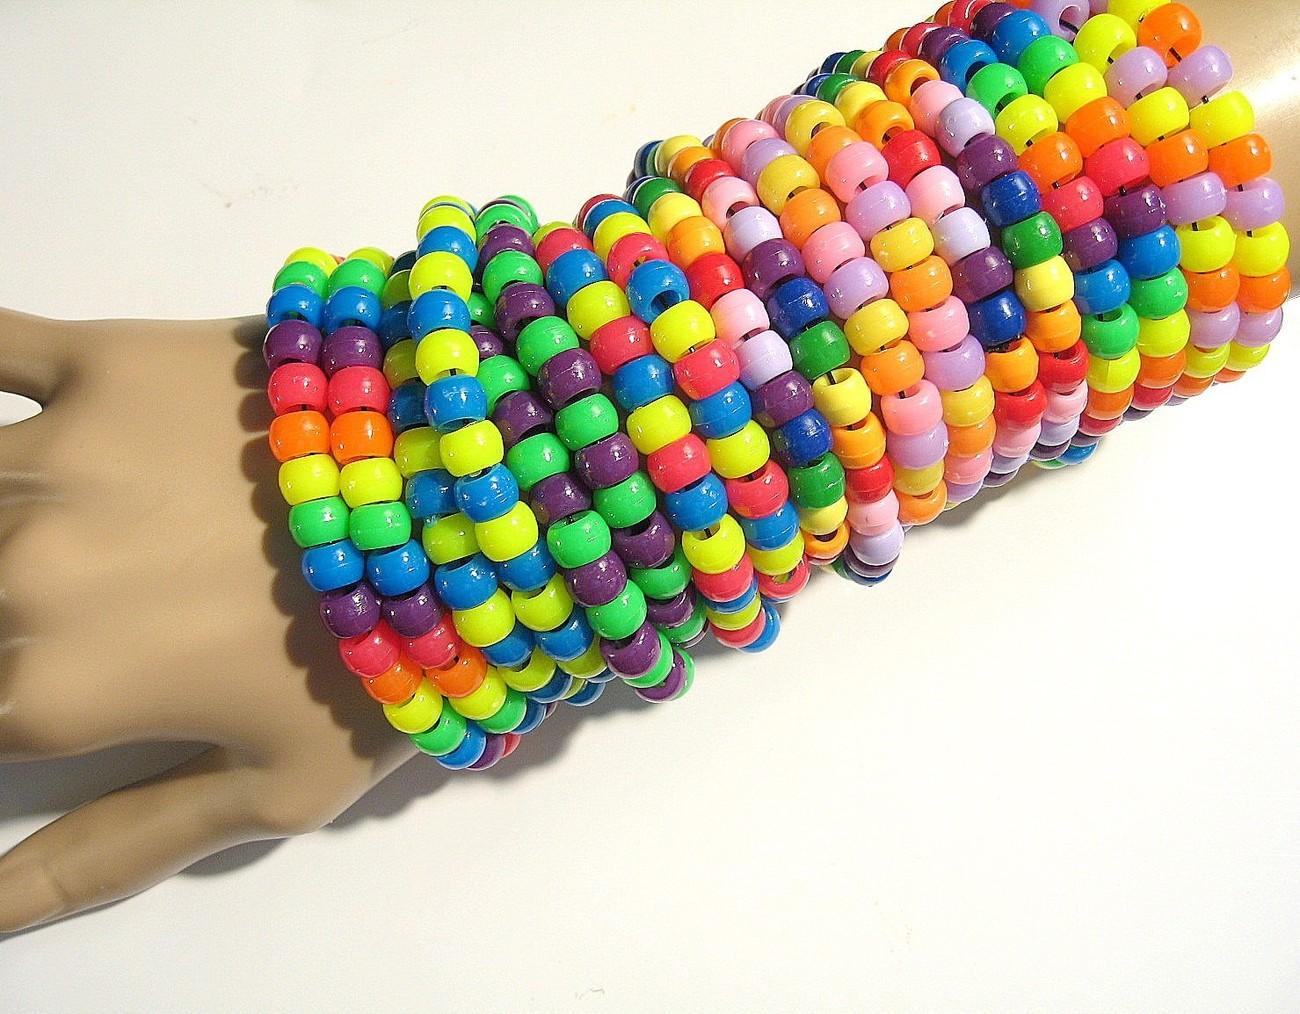 10 kandi bracelets mixed materials